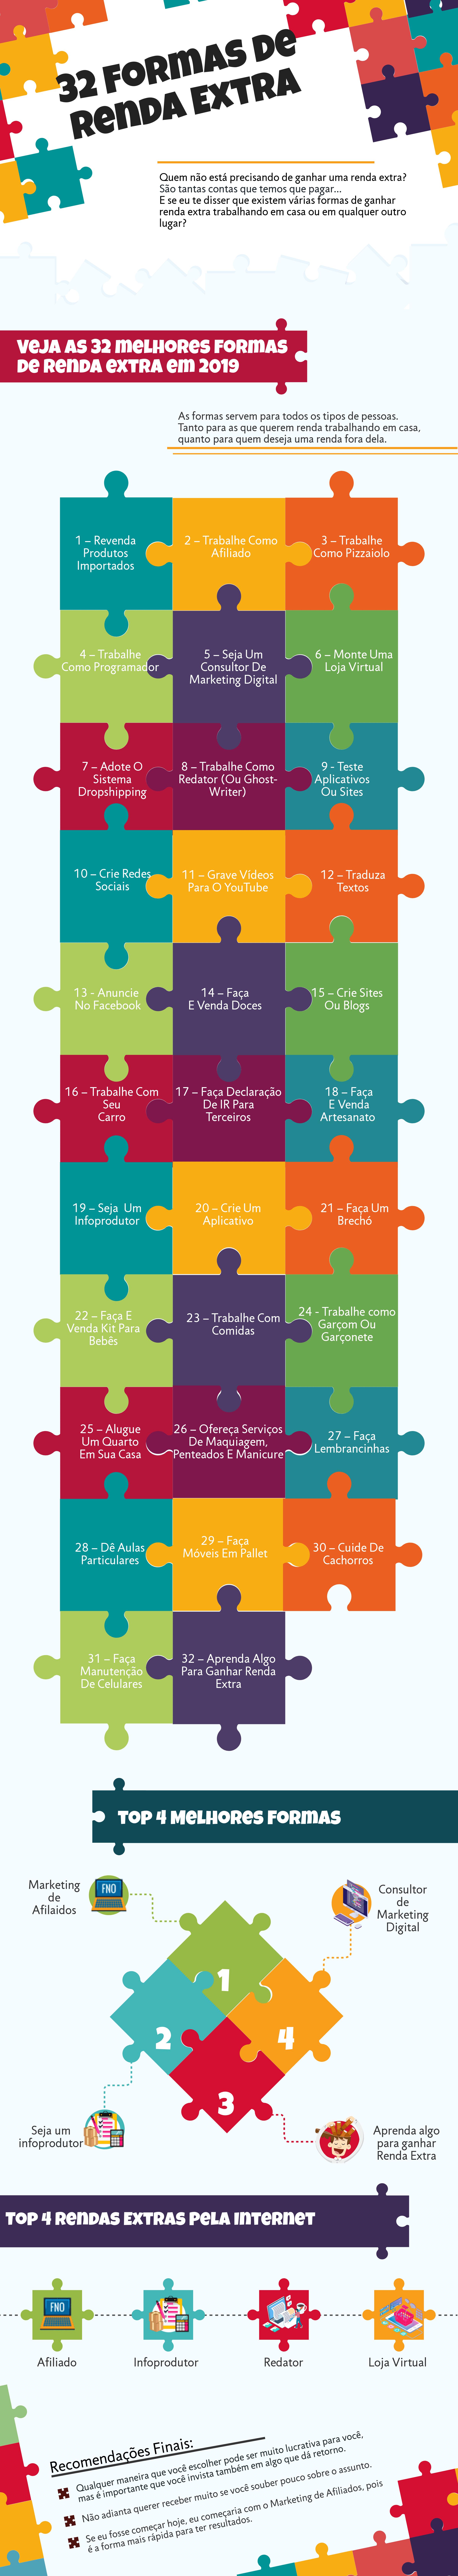 Infográfico 32 Formas de Ganhar Renda Extra